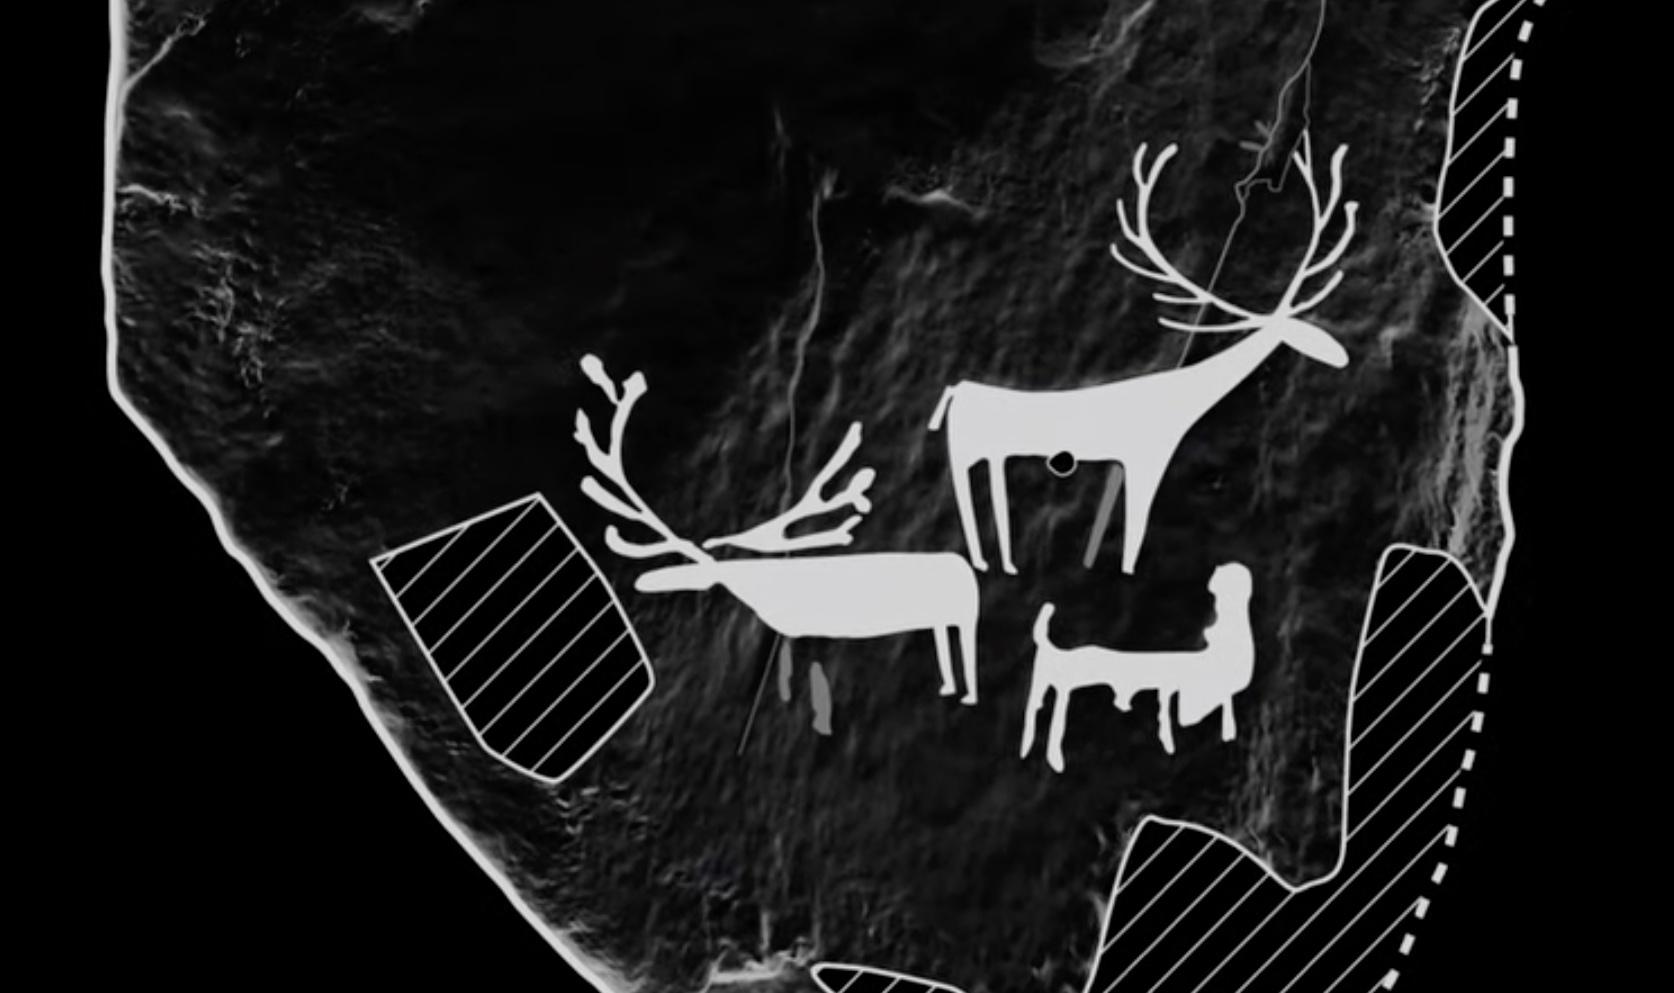 В Шотландии впервые обнаружили изображения доисторических животных: видео